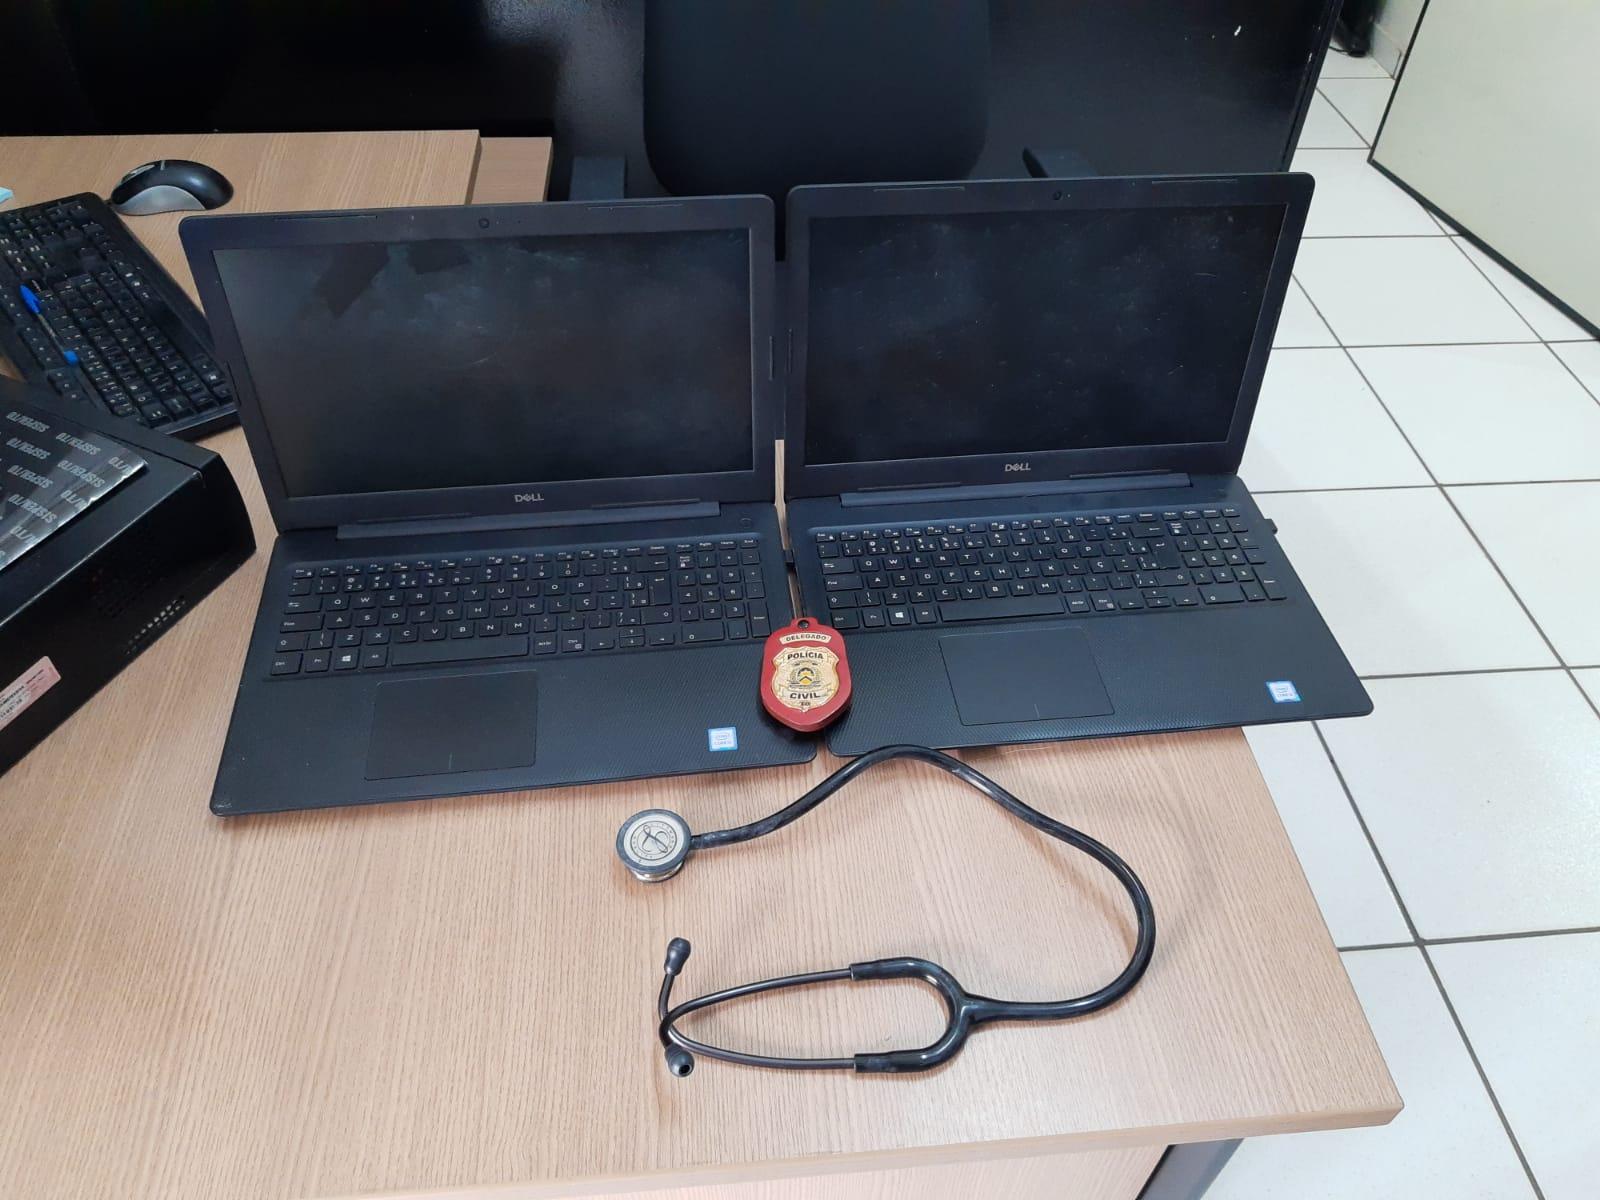 Computadores e aparelho hospitalar furtados e avaliados em mais de R$ 11 mil reais são recuperados pela Polícia Civil em Araguaína